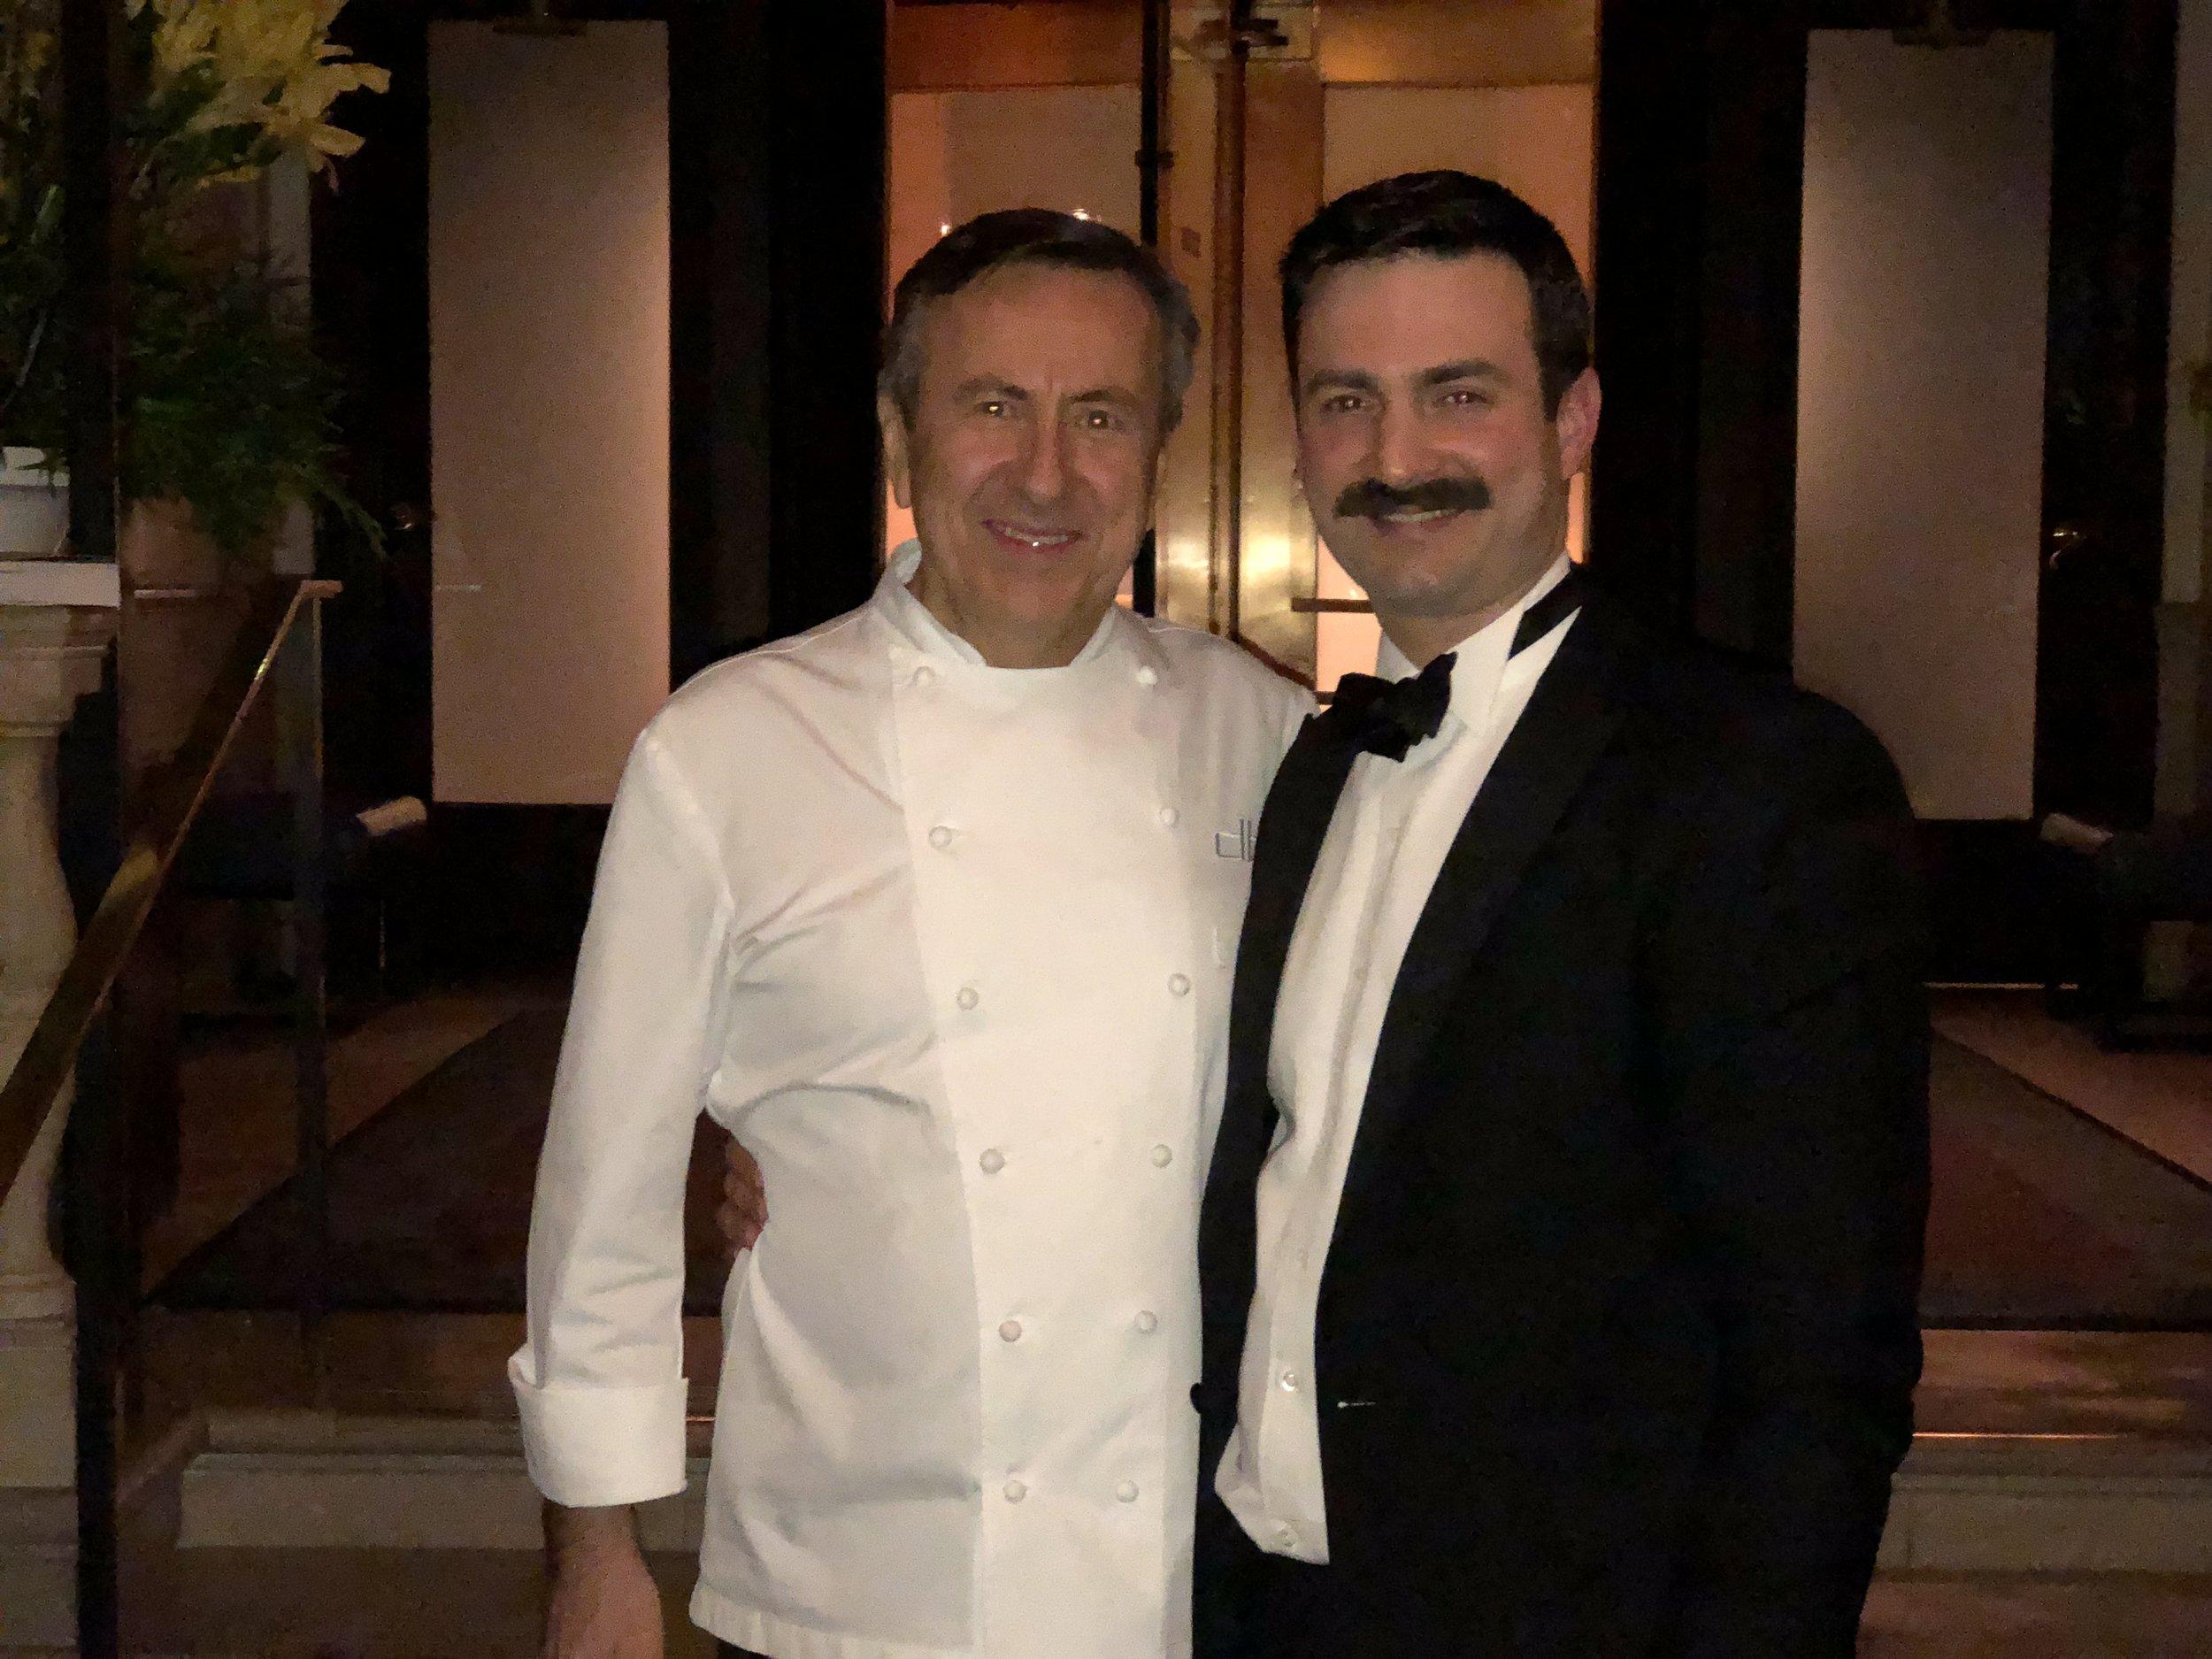 meir and chef daniel boulud.jpg